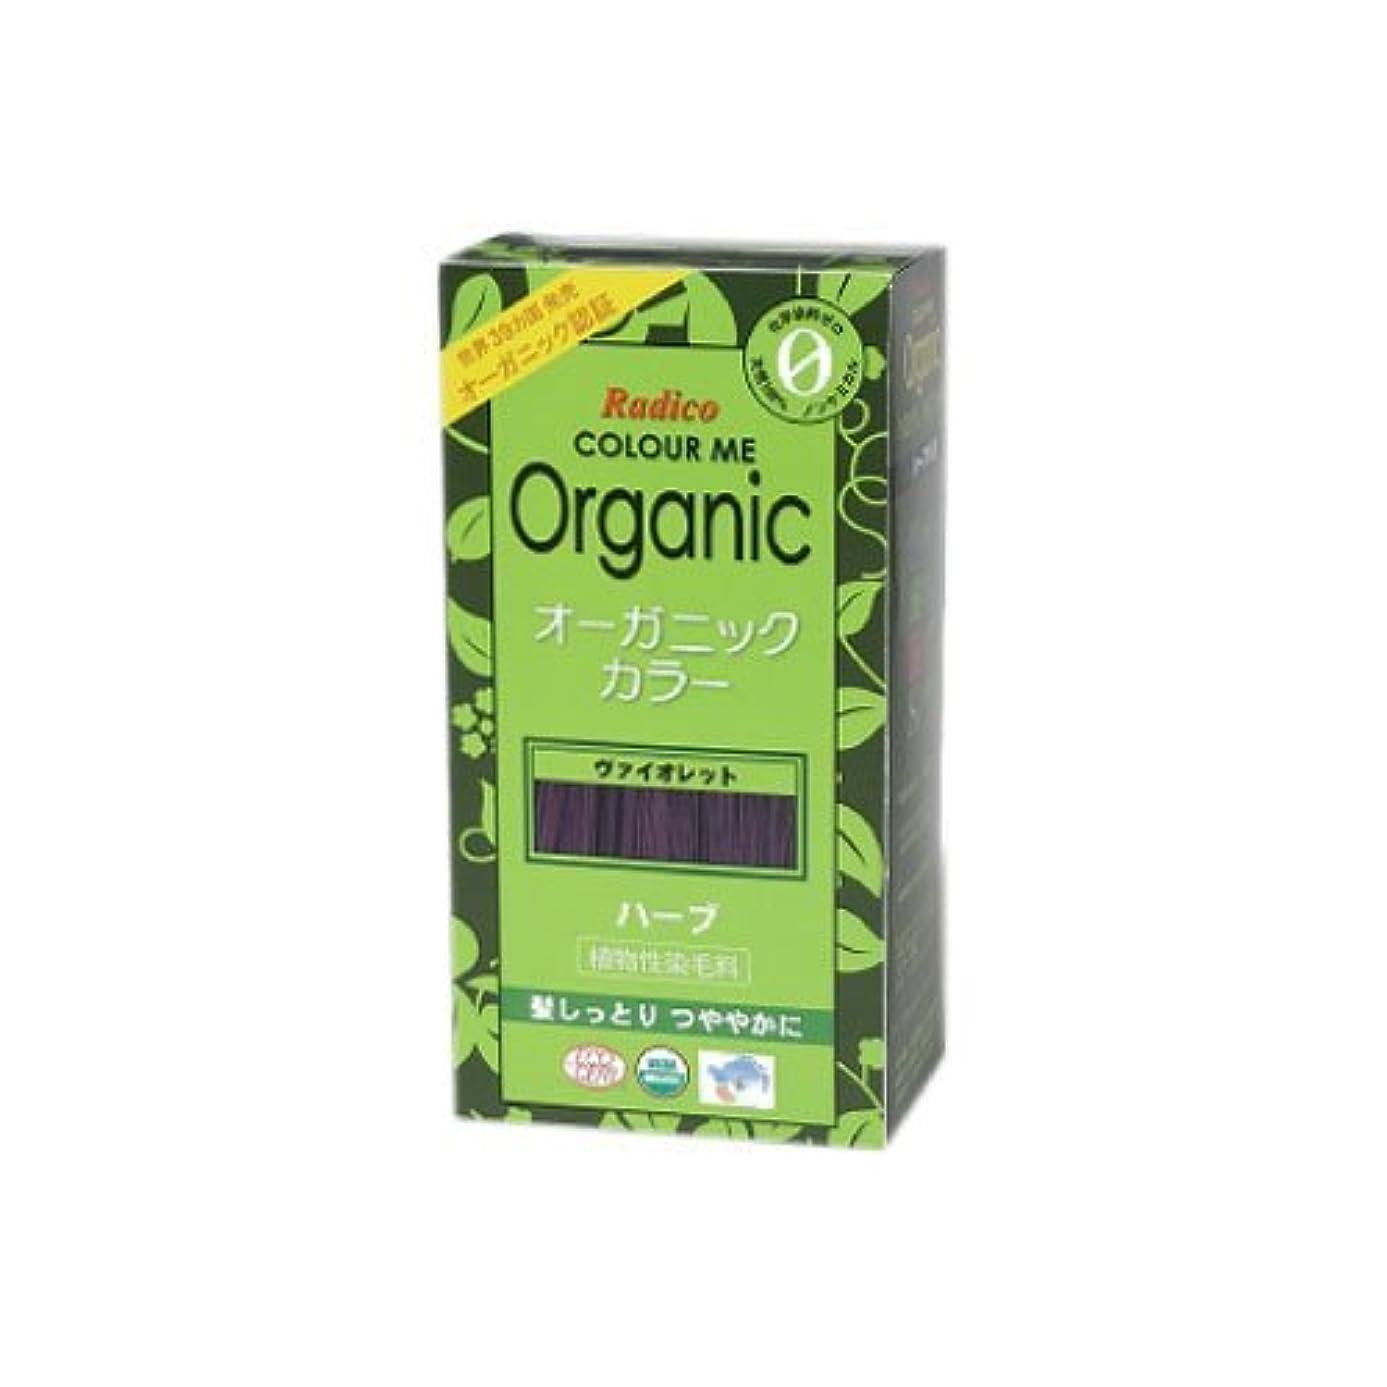 窒息させる乙女どうやってCOLOURME Organic (カラーミーオーガニック ヘナ 白髪用 紫色) ヴァイオレット 100g